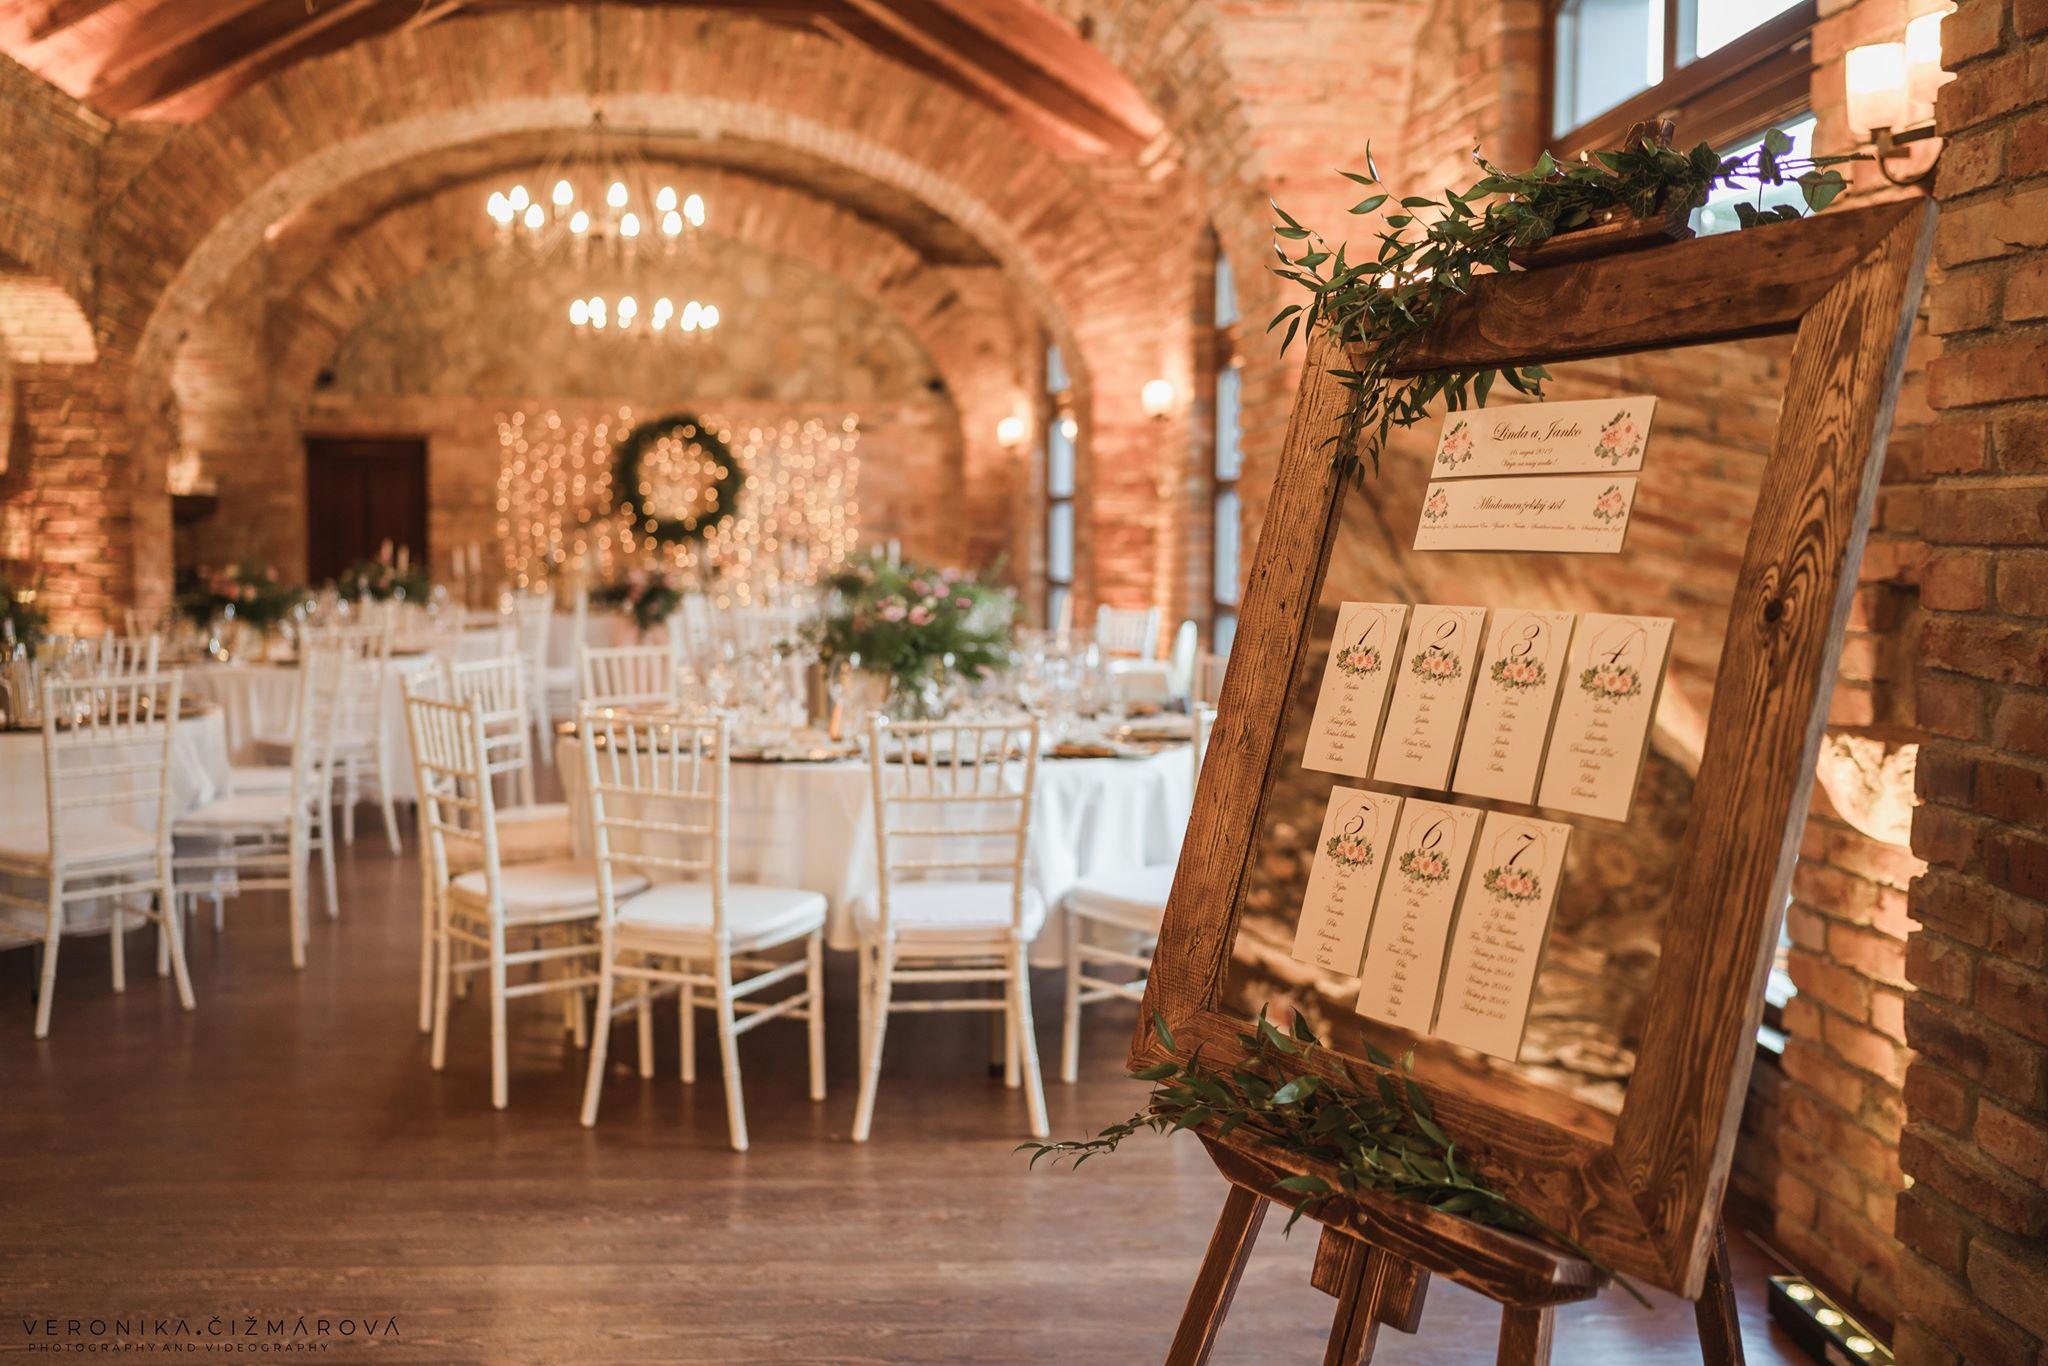 vyzdoba-na-svadbu-boho-osvetlenie-saly-modra-neco-estate-winery-wiegerova-villajpg